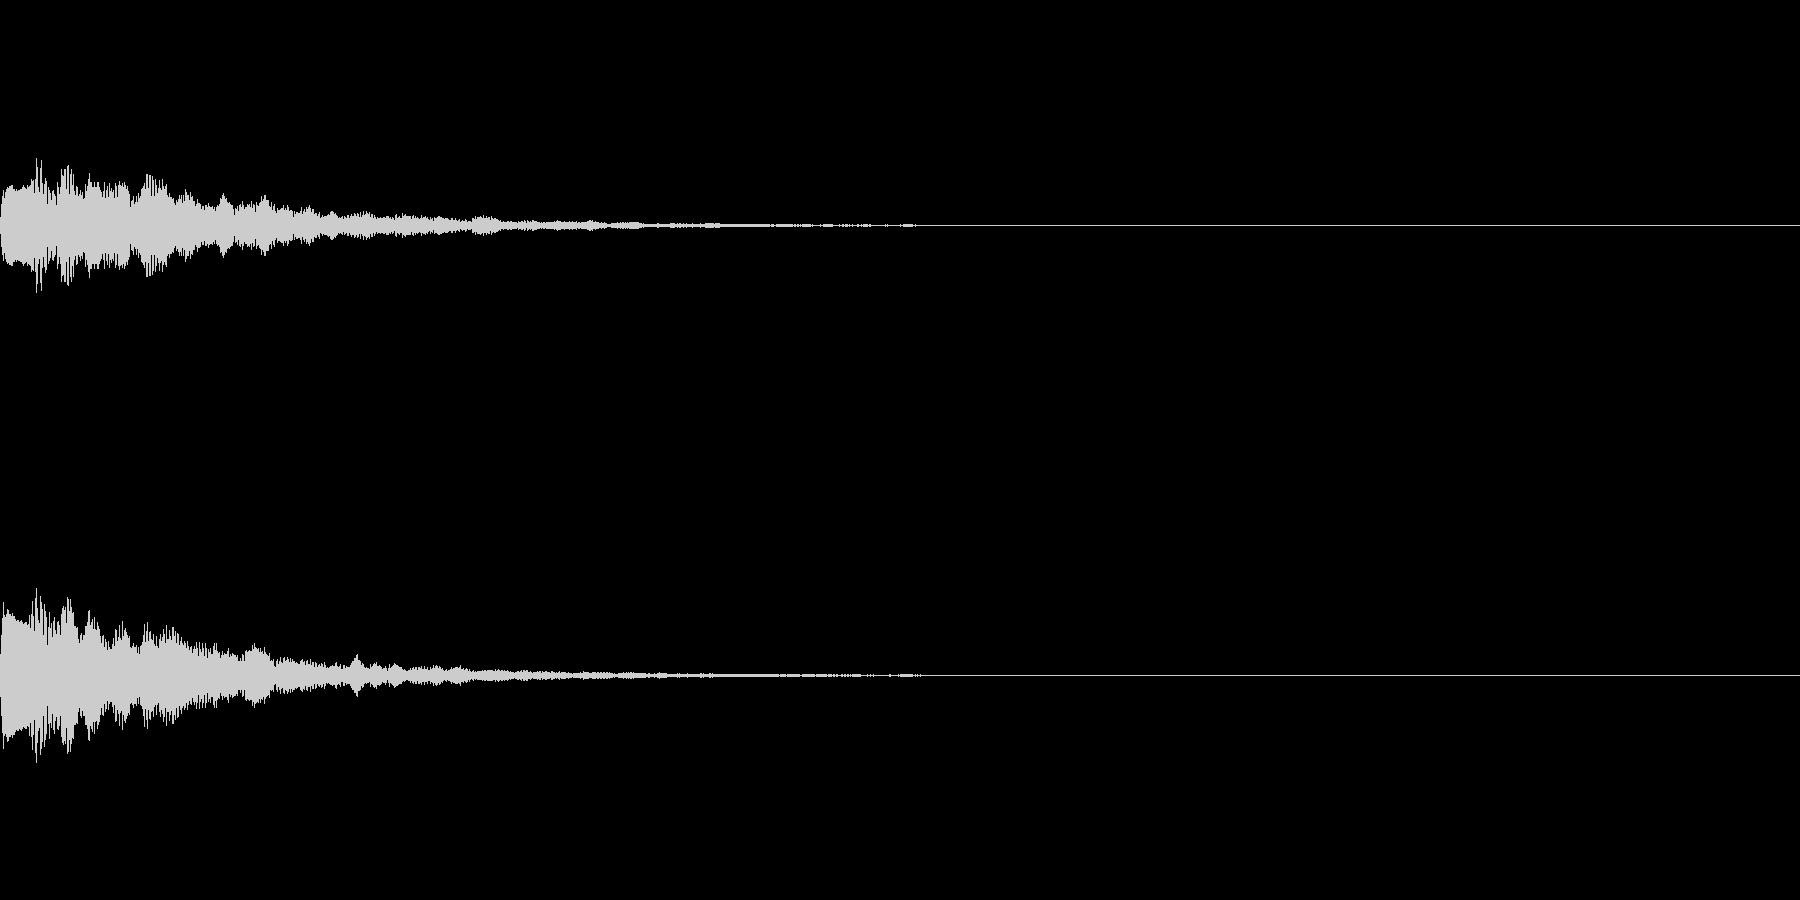 シックなレベルアップ音A06の未再生の波形